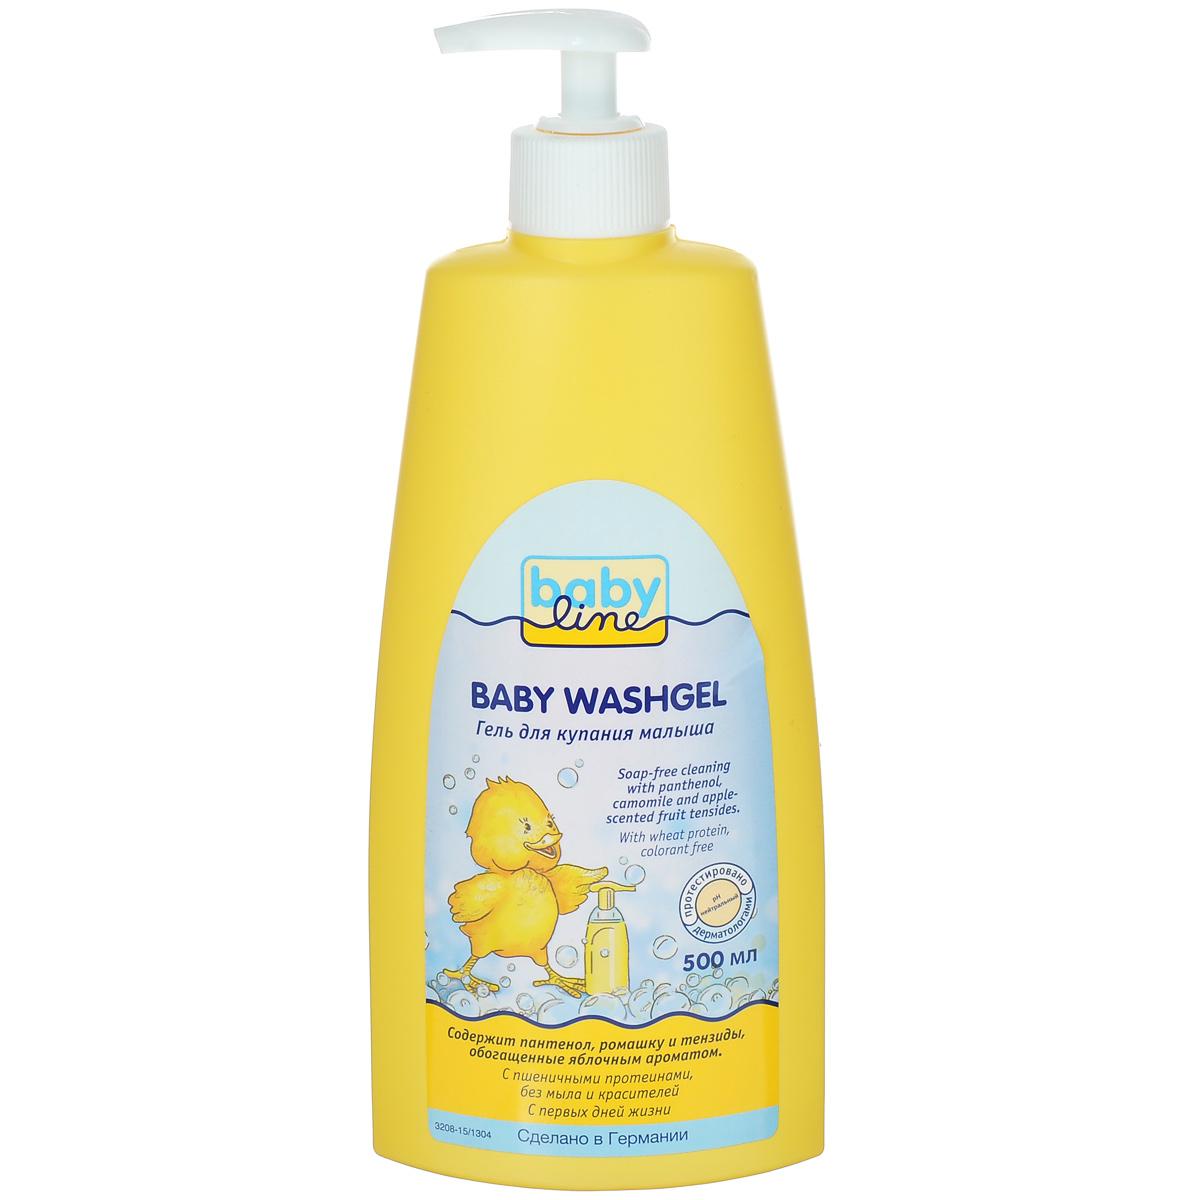 BabyLine Гель для купания малыша, с пшеничными протеинами, 500 мл208054Гель для купания специально разработан для ежедневной очистки чувствительной кожи вашего малыша. Мягкие моющие компоненты с ароматом яблока для нежной очистки. Протестировано аллергологами. Товар сертифицирован.